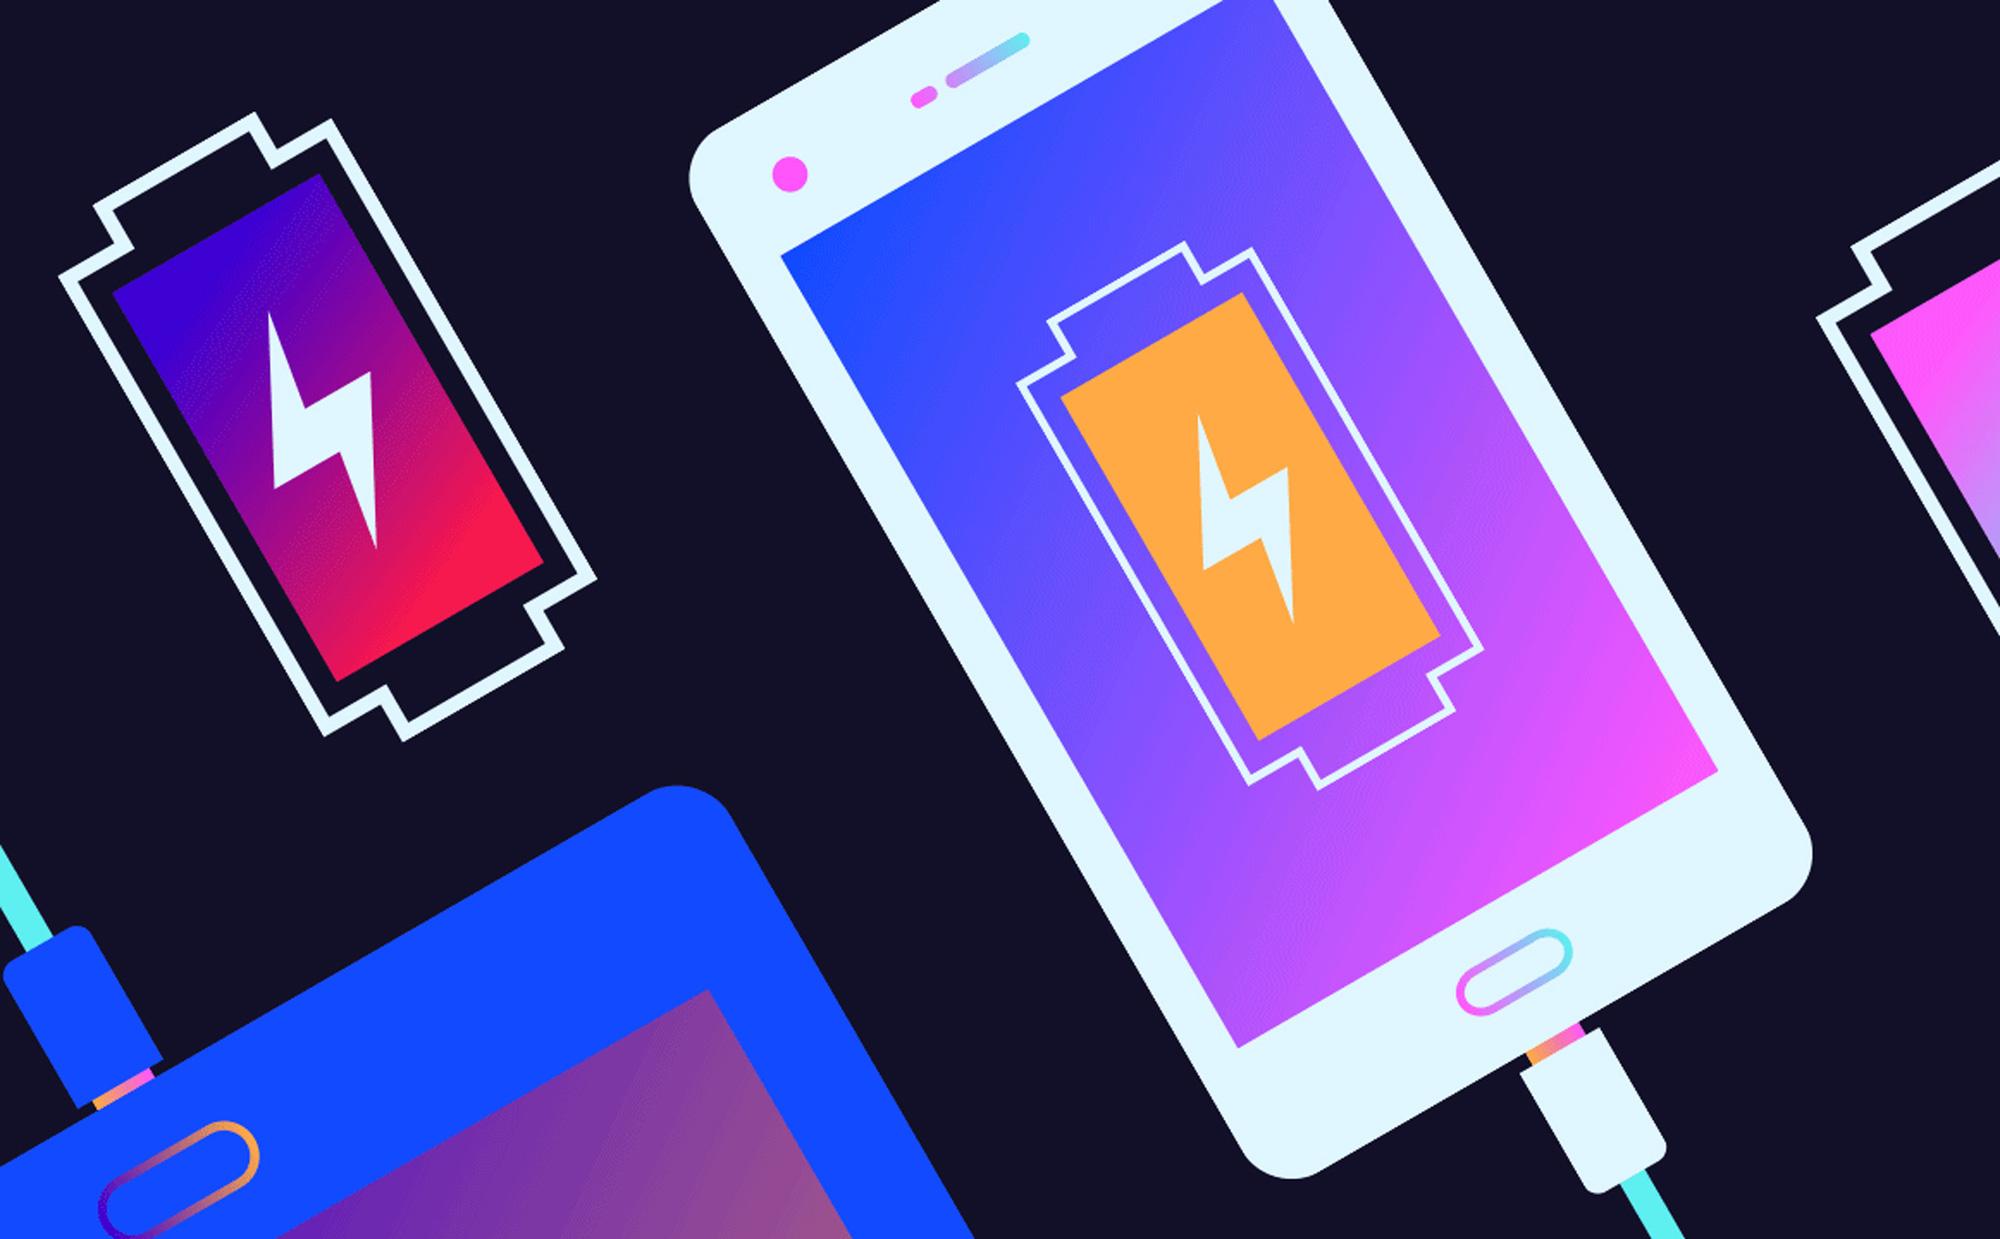 Tại sao các smartphone tầm trung 2020 phải được trang bị sạc nhanh? - Ảnh 1.